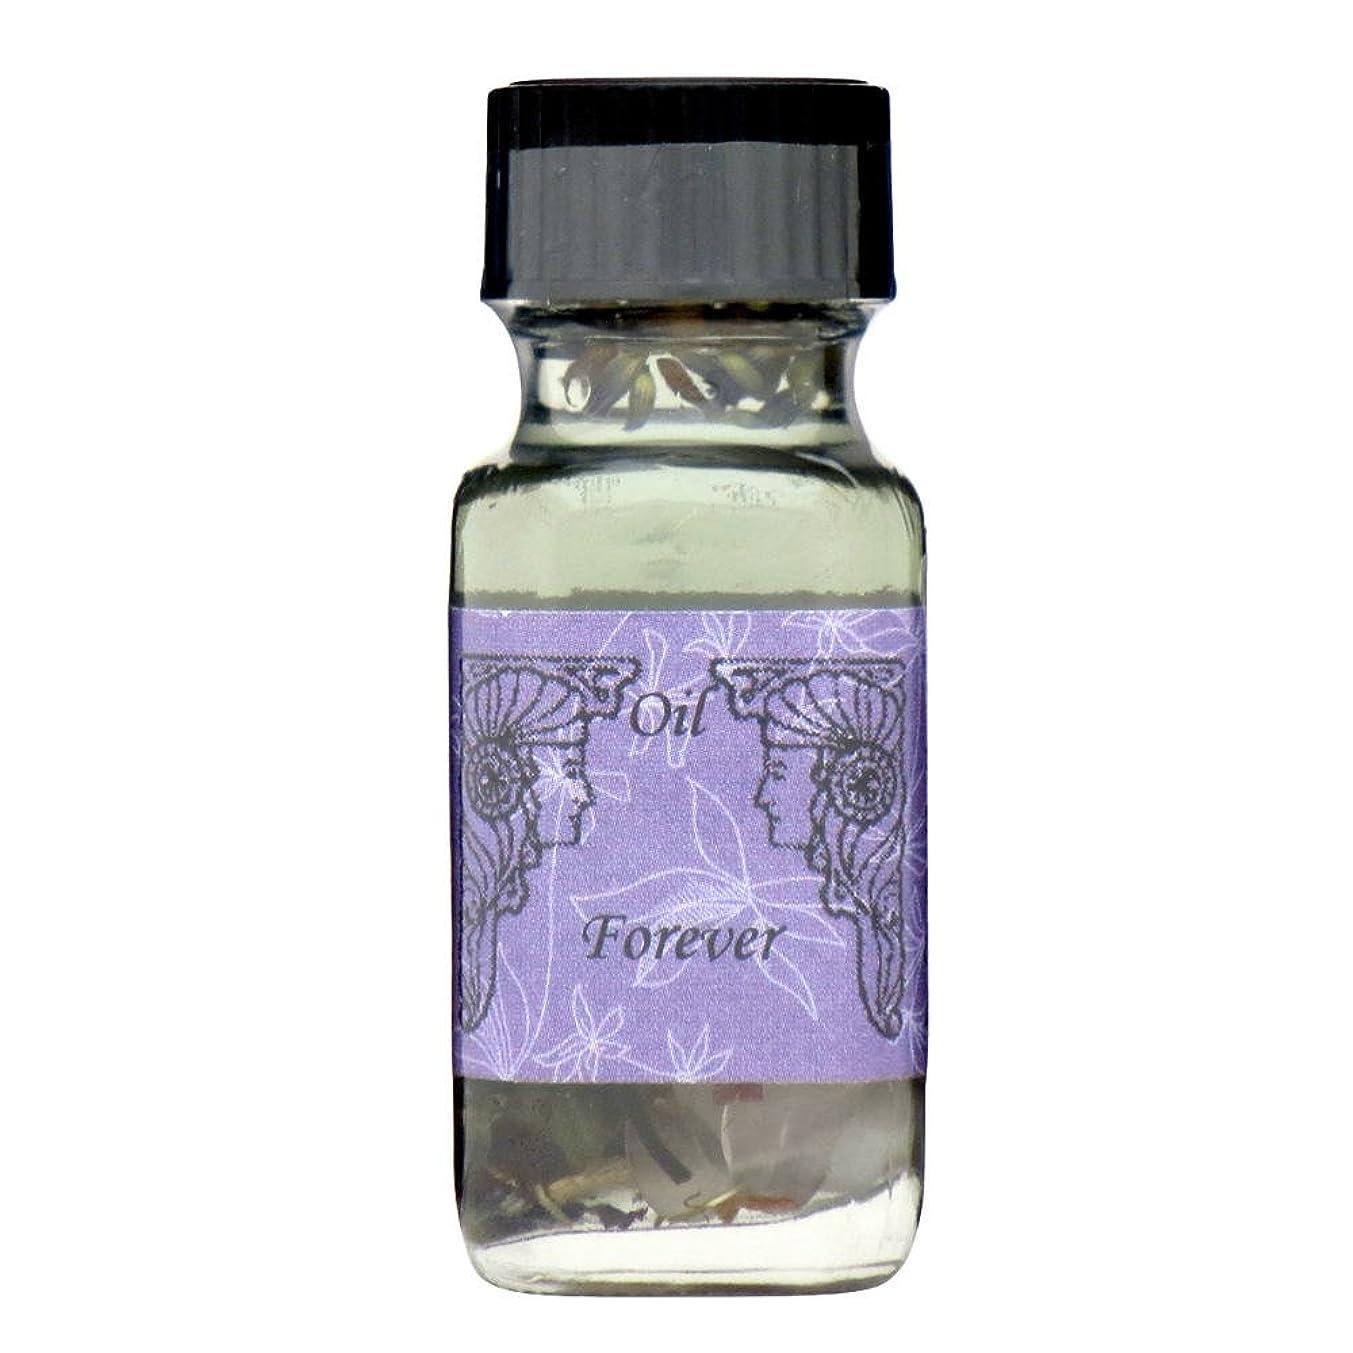 宣言気分が悪いパンダアンシェントメモリーオイル フォーエバー (永続的な関係) 15ml (Ancient Memory Oils)